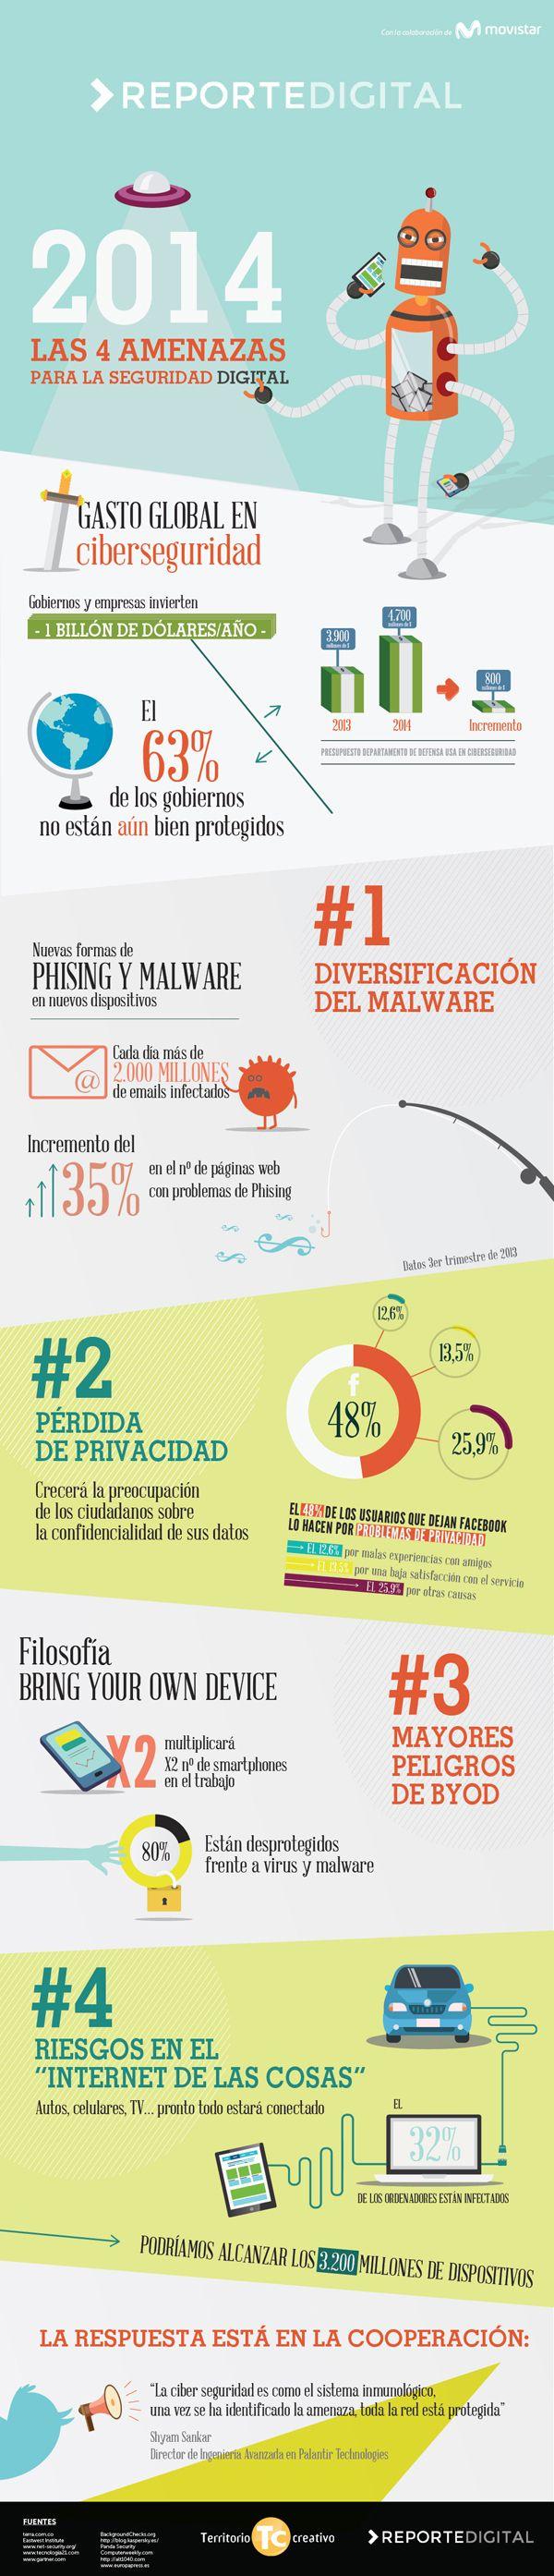 Las 4 amenazas para la seguridad digital en 2014 #infografia #infographic #internet